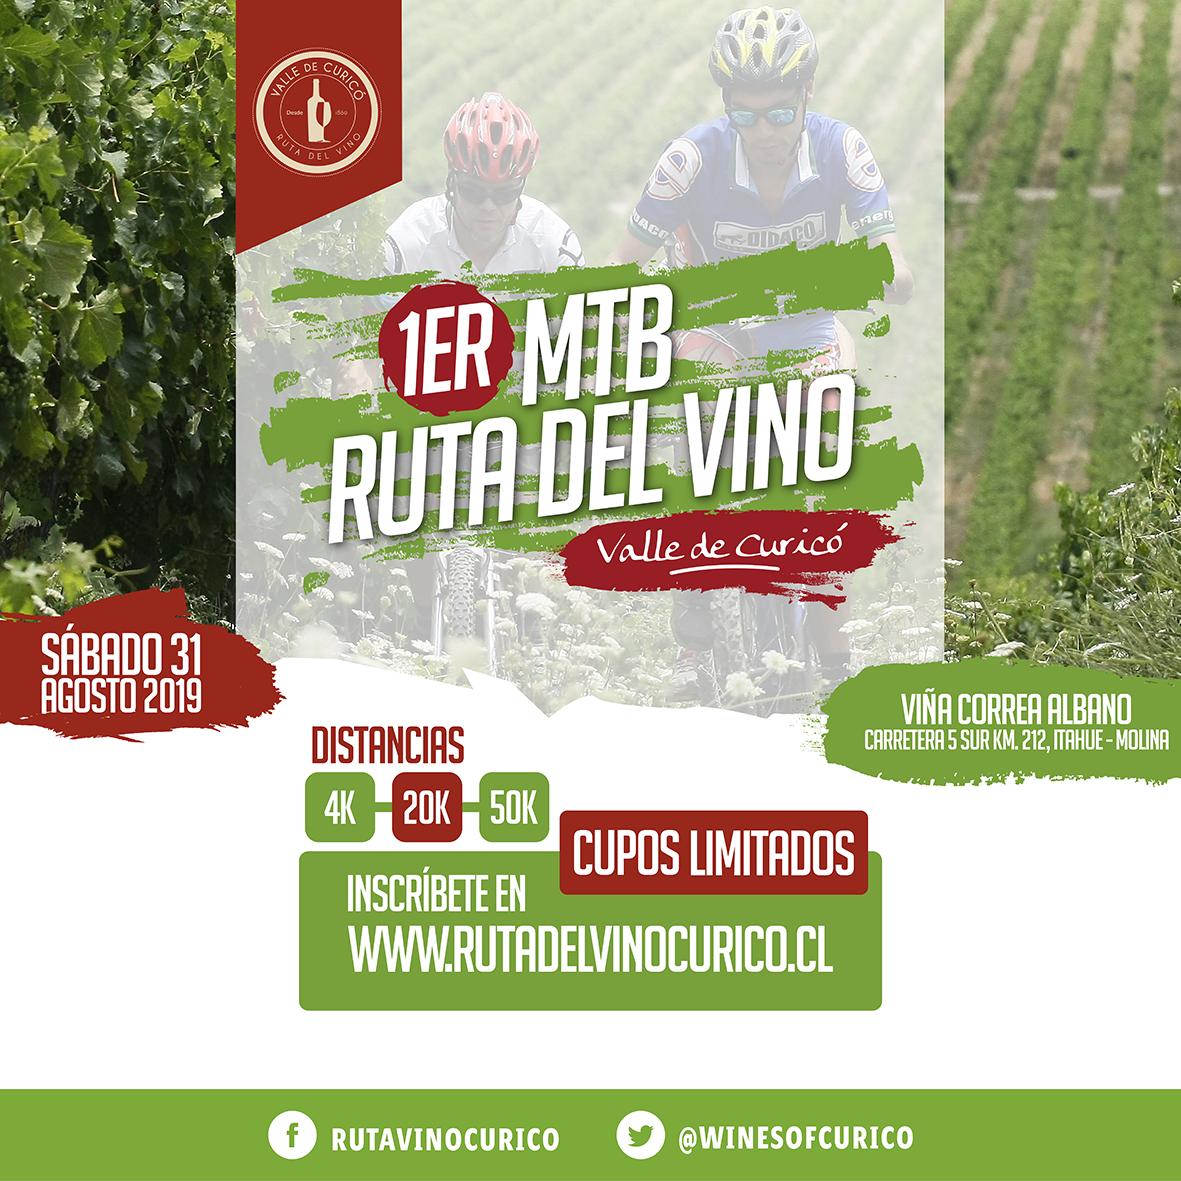 1er MTB Ruta del Vino Curico